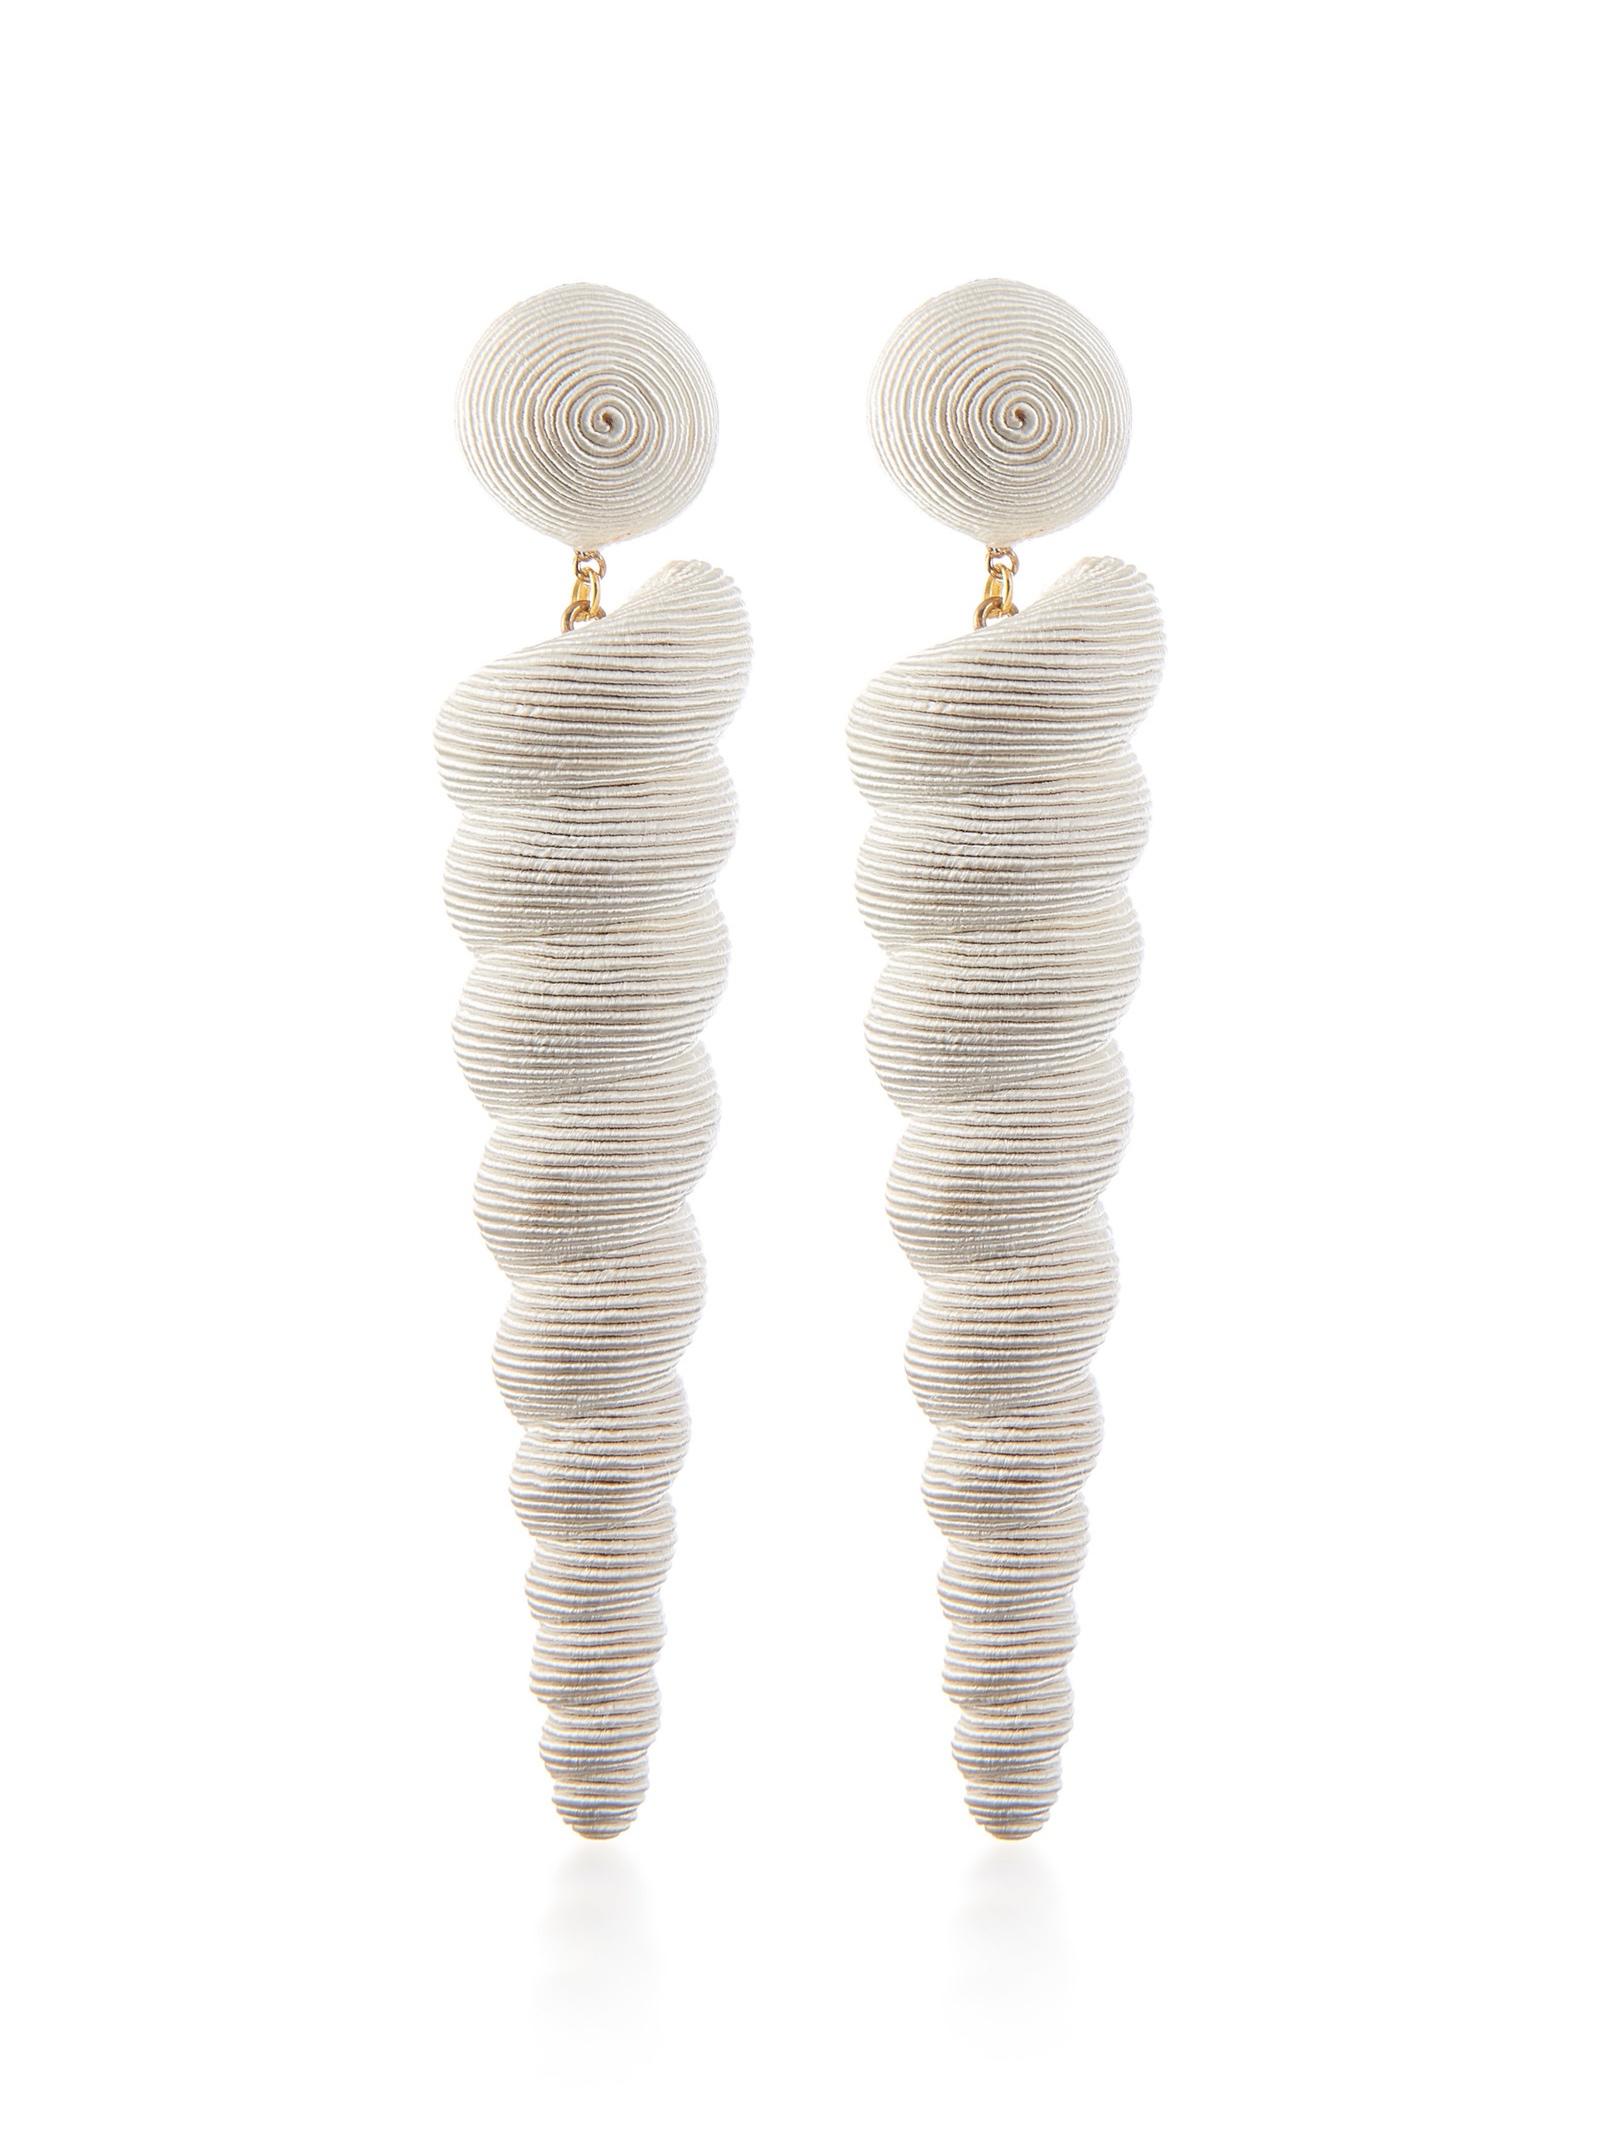 silk twist earrings  - $91